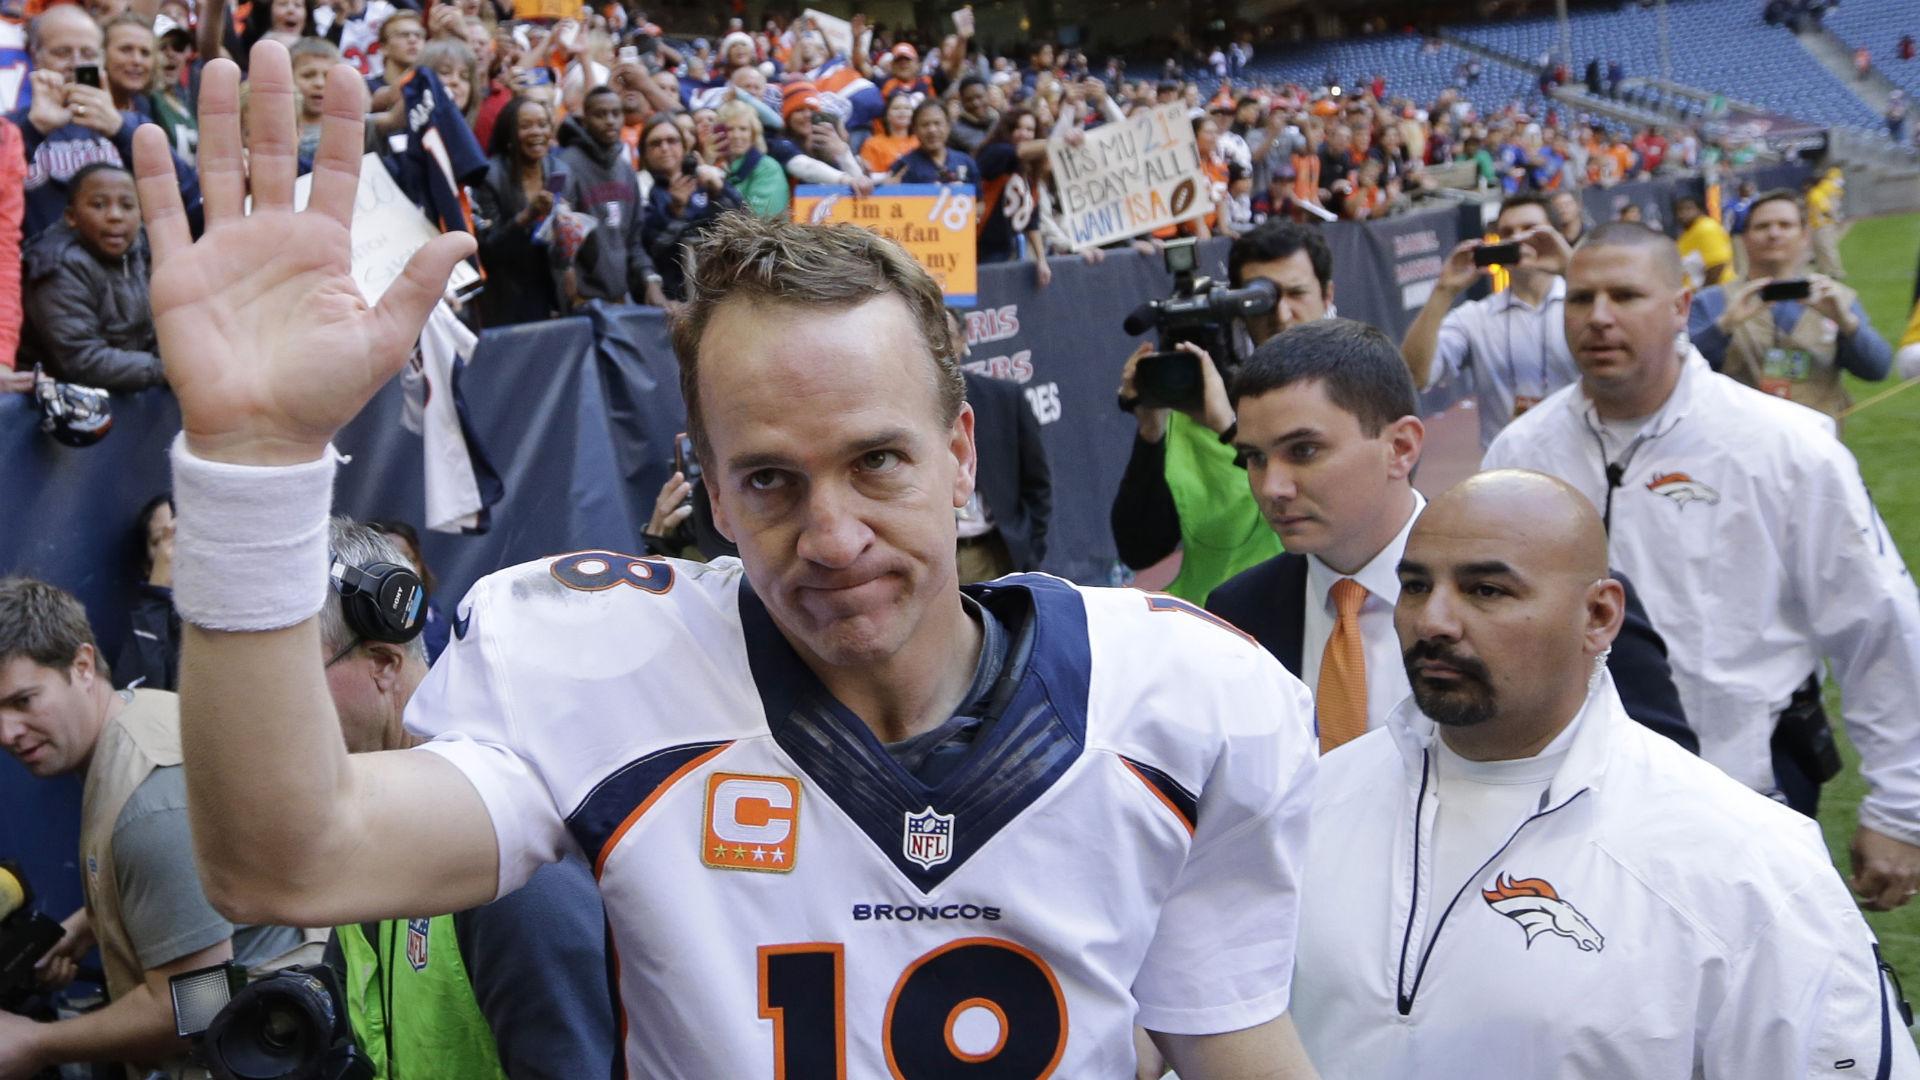 Peyton_Manning2_AP_1222_FTR.jpg